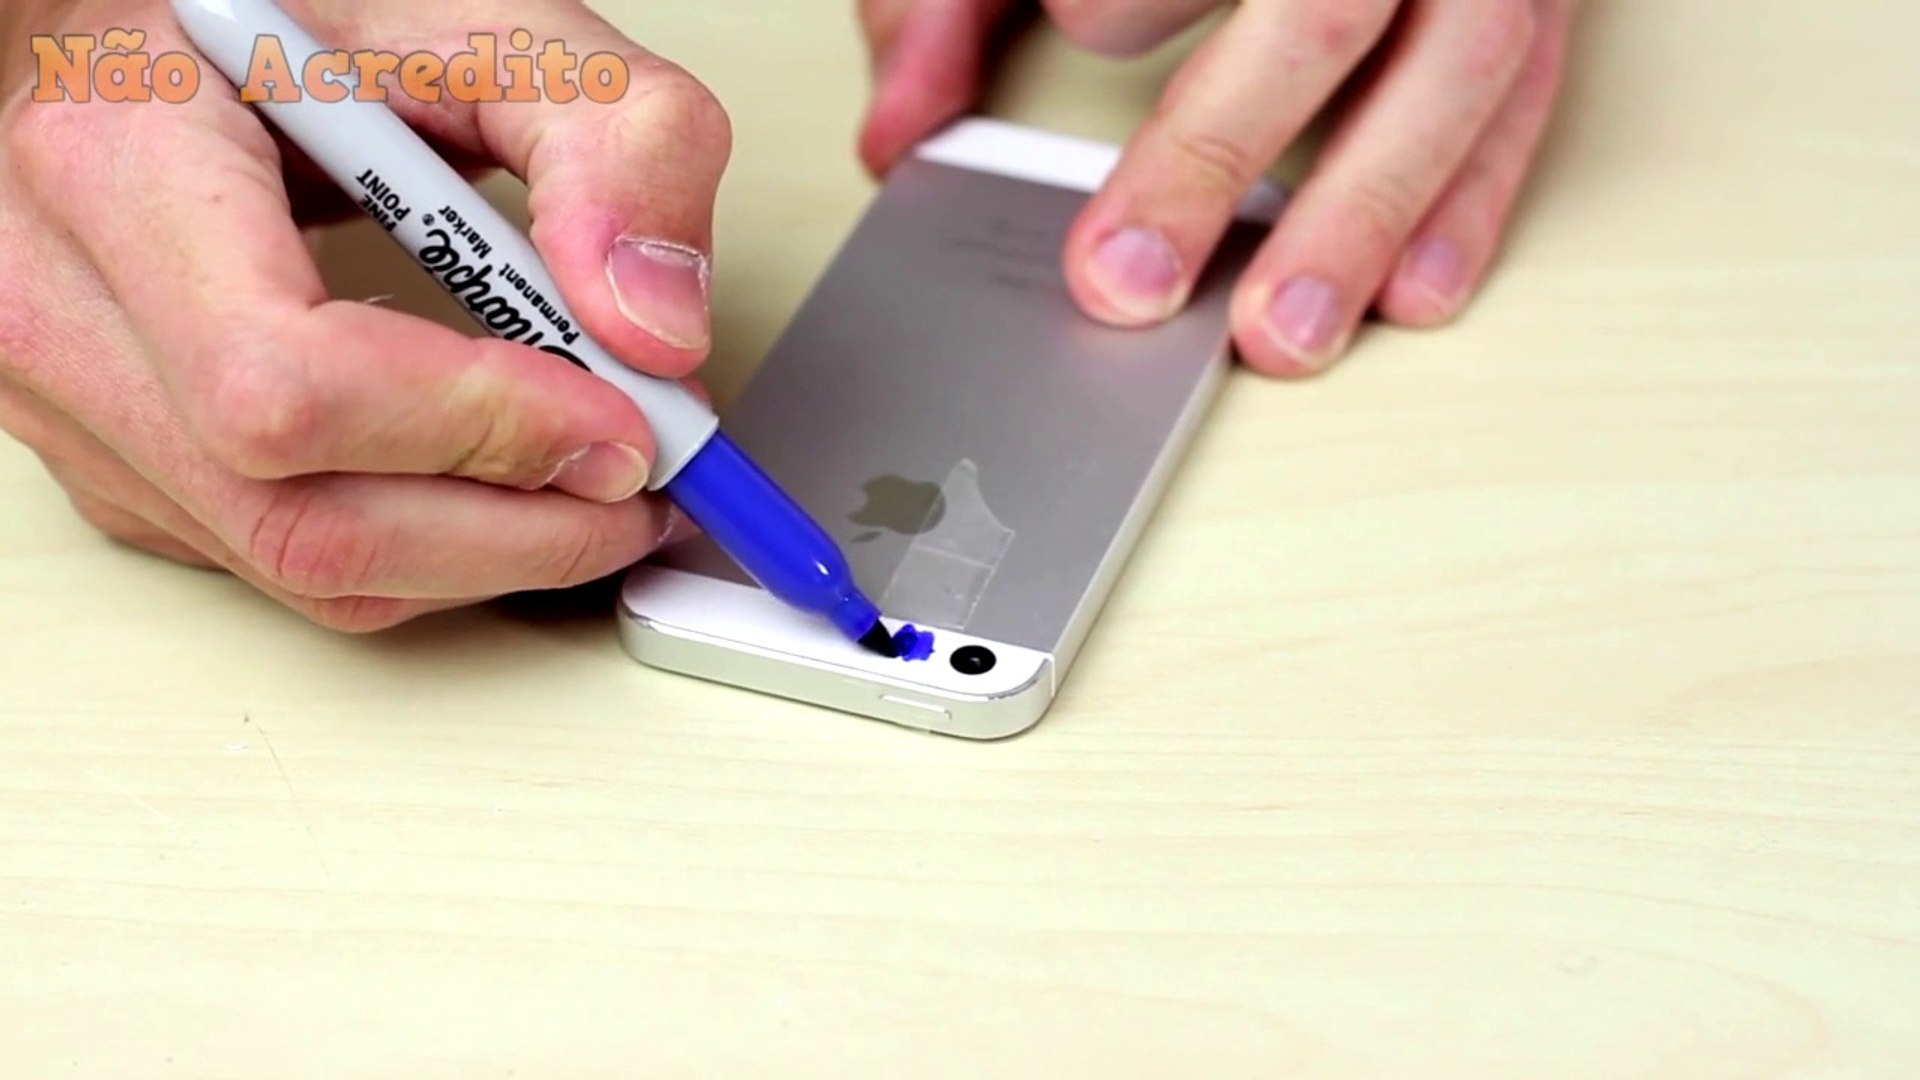 Ele cola durex no seu celular e pinta com cores escuras. O que ele vê em seguida é nojento.